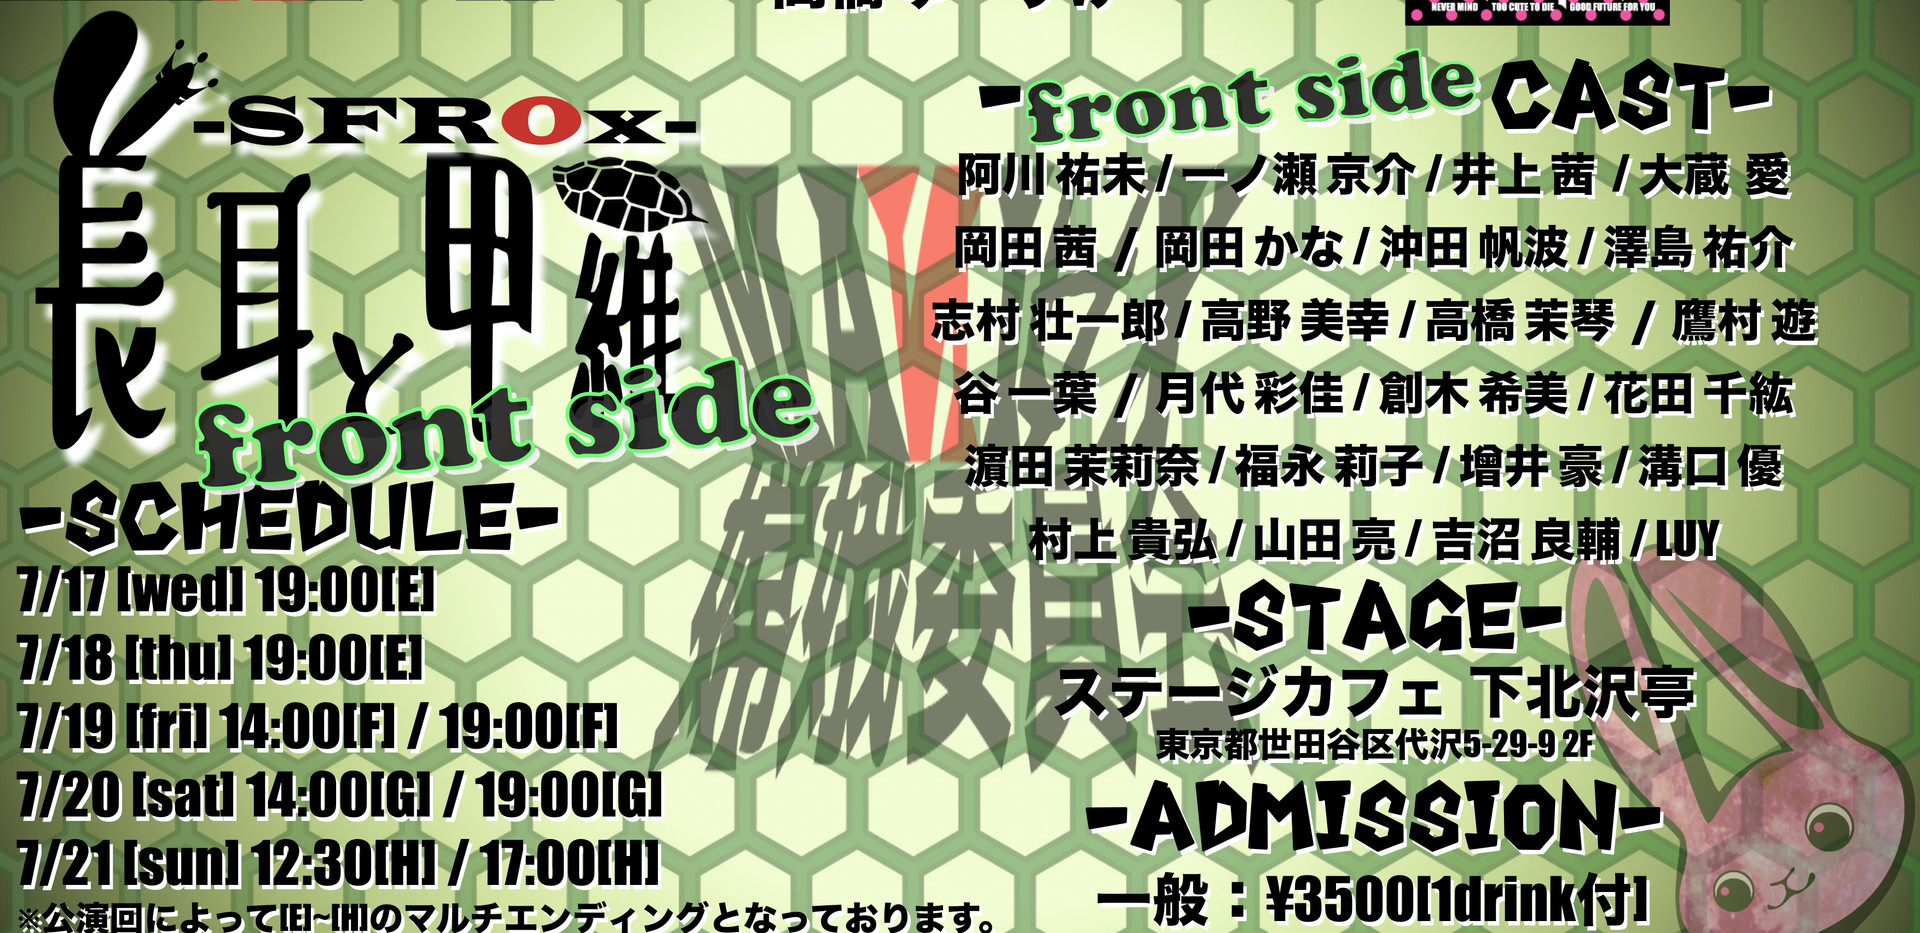 長耳と甲羅 front side -SFR0x-